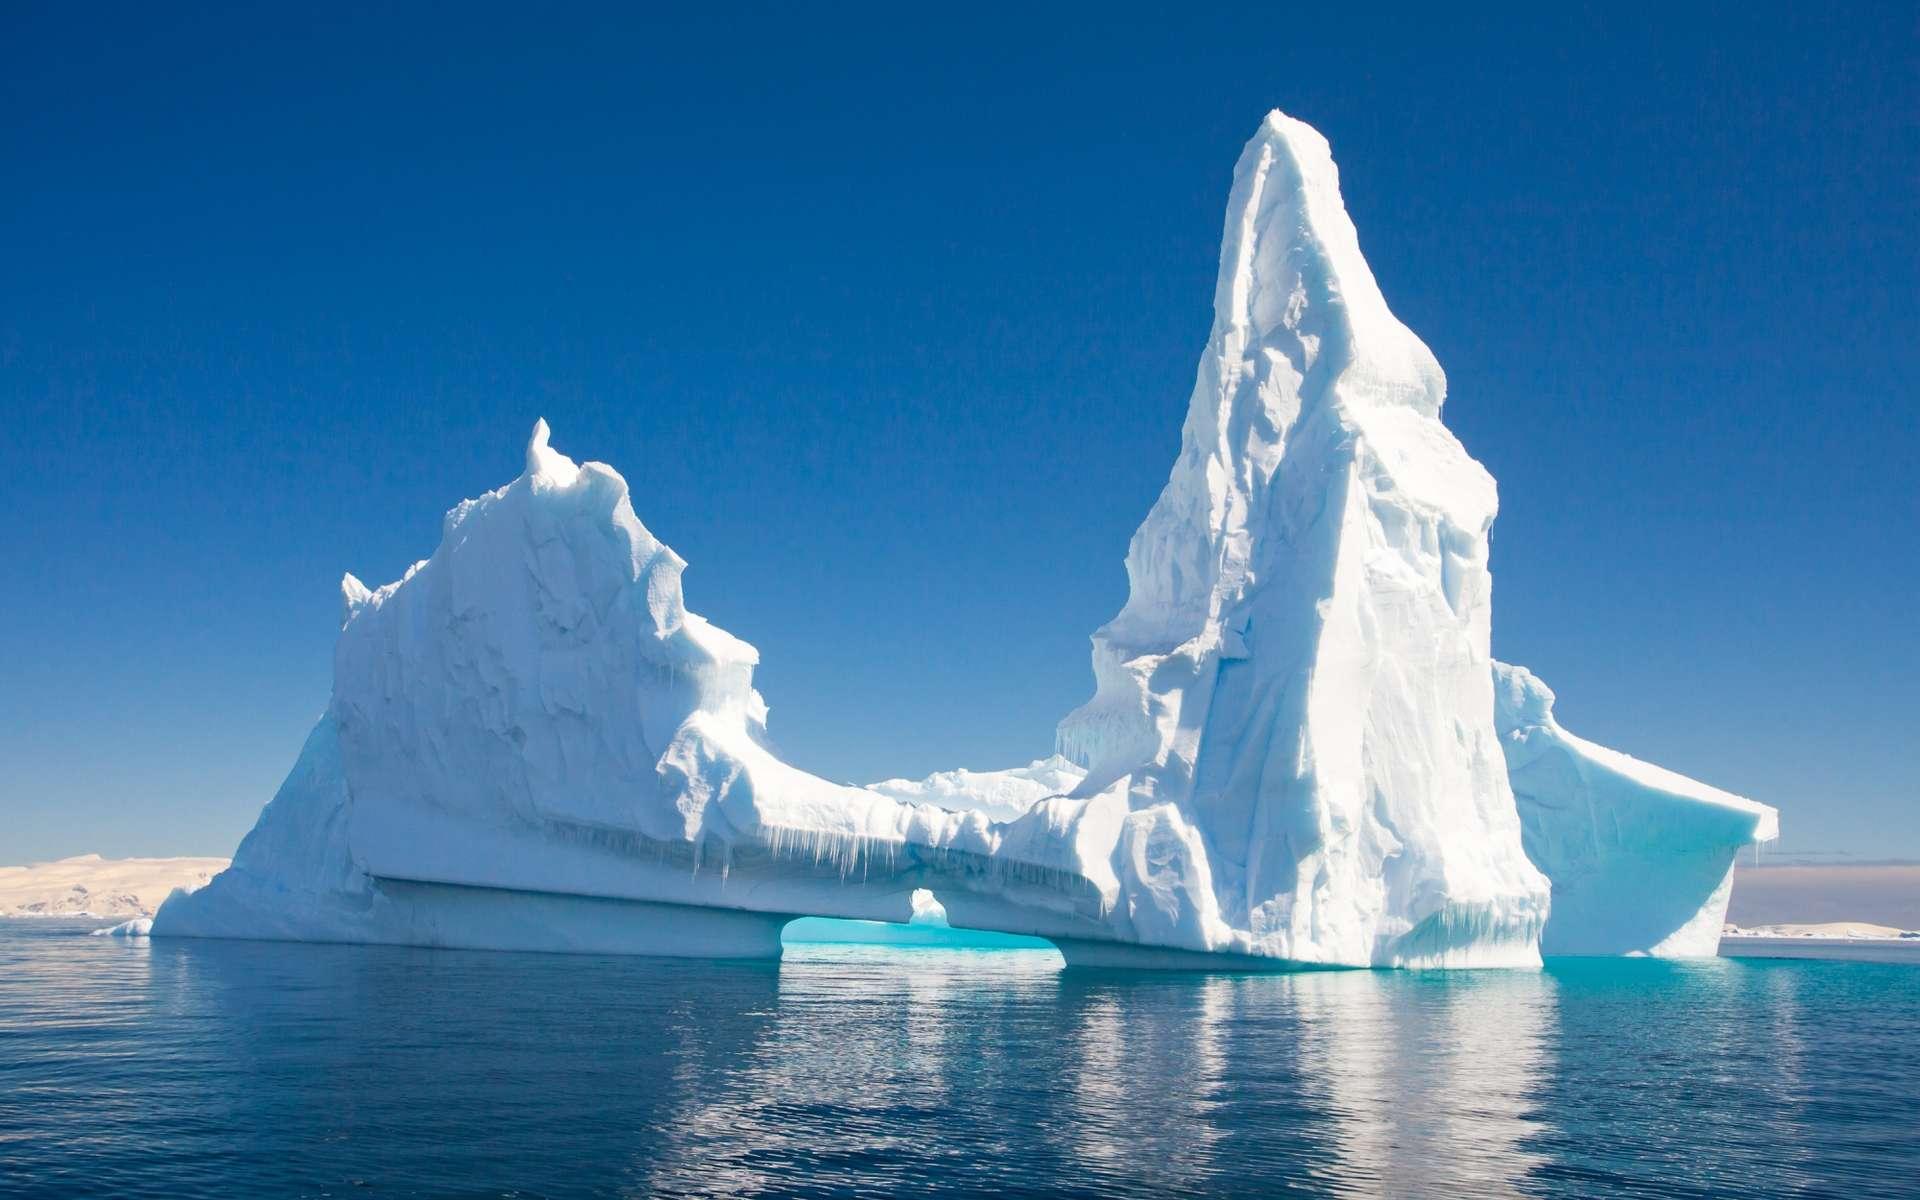 En stimulant la production de phytoplancton autour d'eux grâce aux sels minéraux et autres nutriments relâchés dans leurs eaux de fonte, les plus grands icebergs se comportent comme des puits de carbone ambulants. © Juancat, Shutterstock